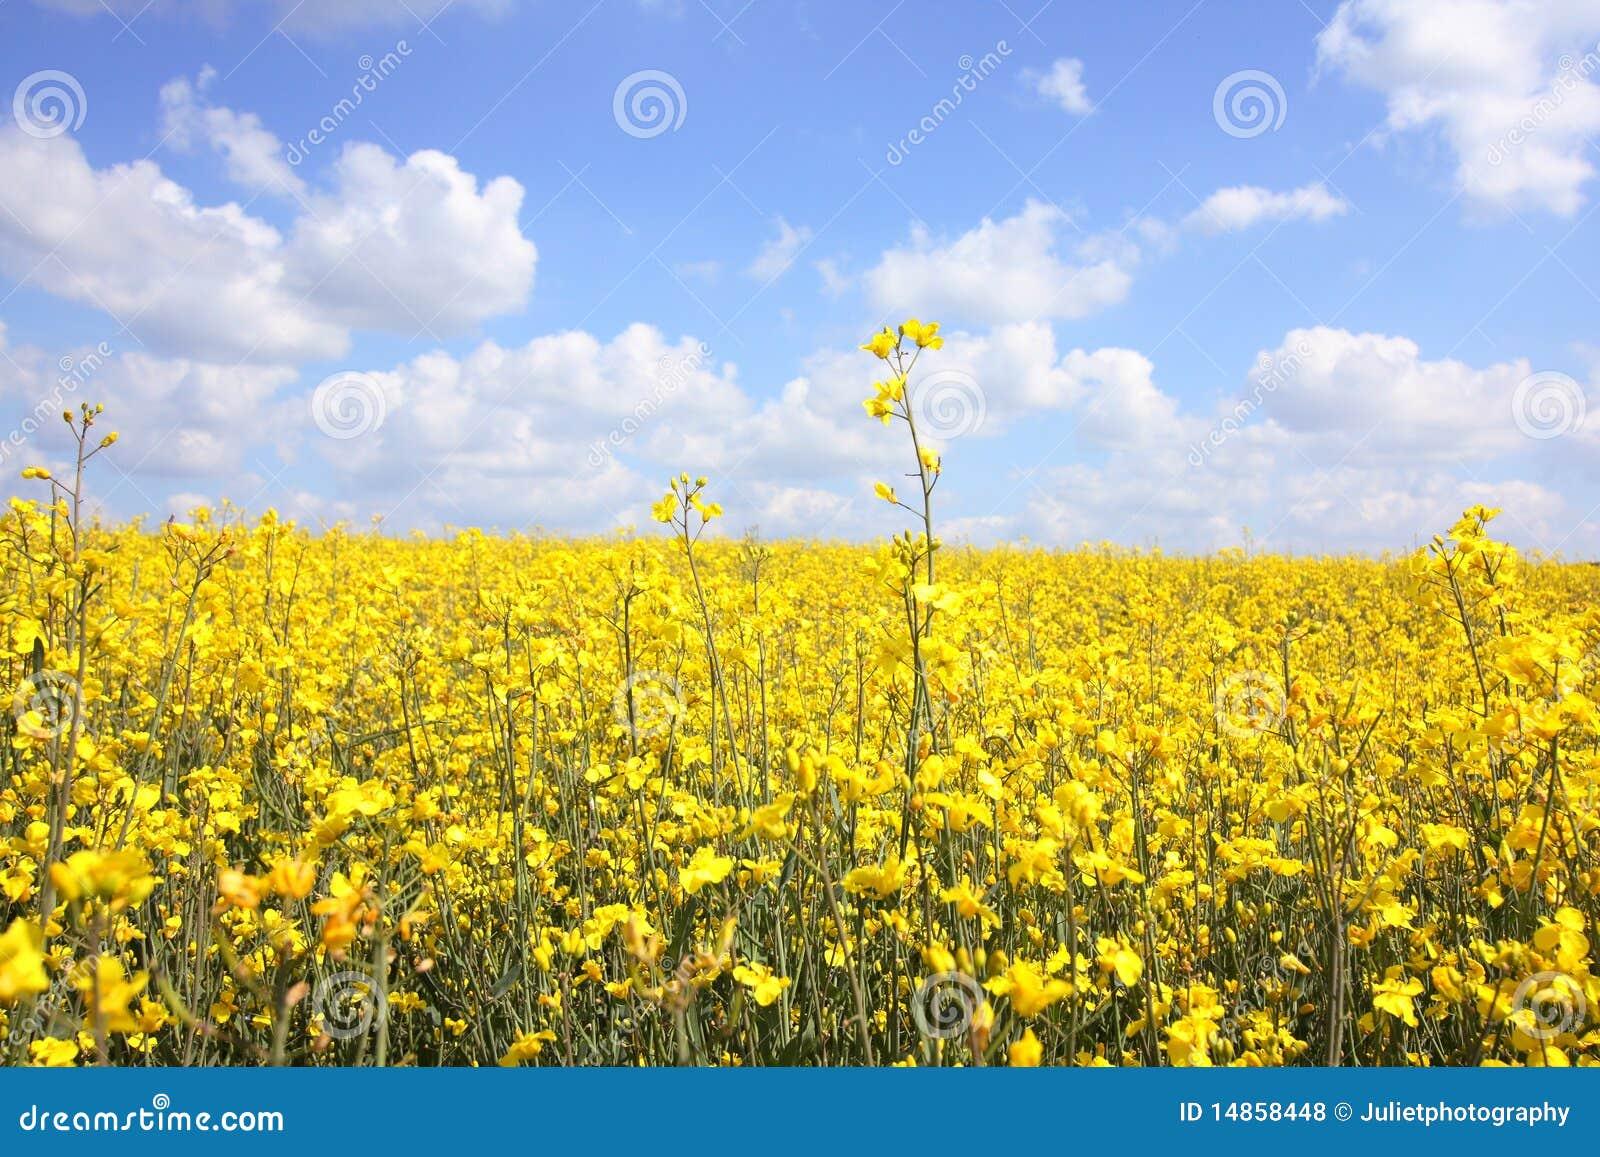 Beautiful fields close up